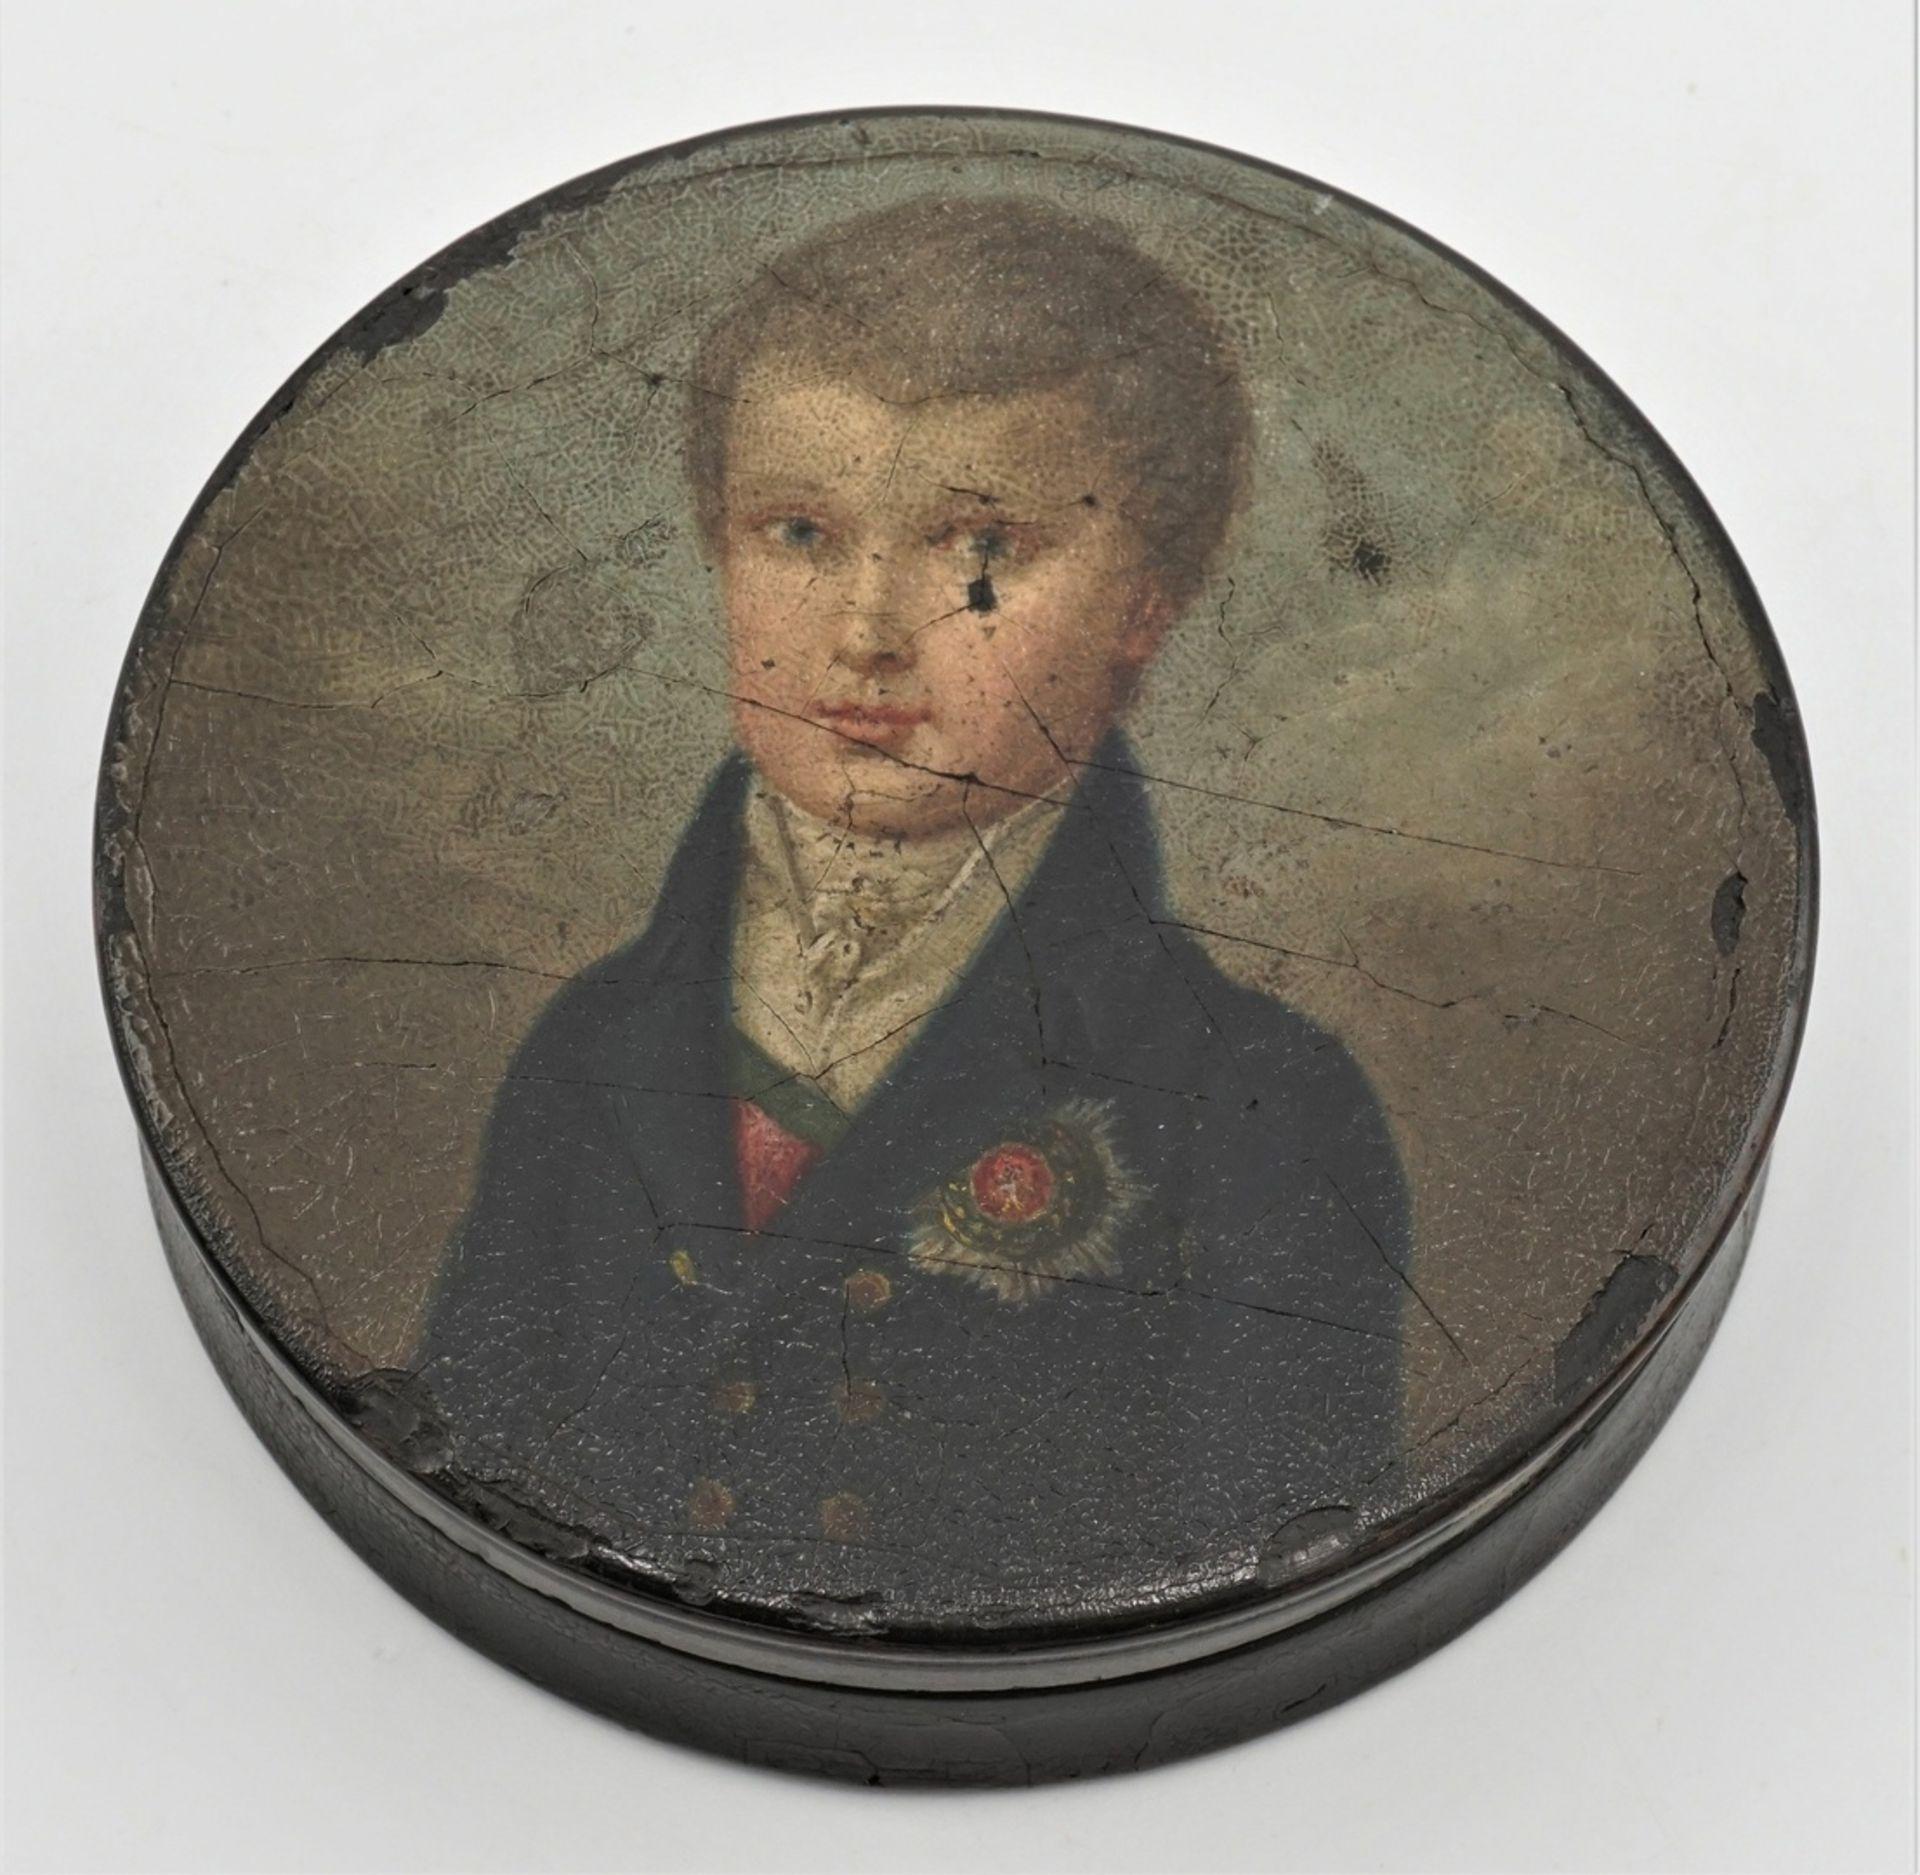 Schnupftabakdose mit Porträt eines preußischen Knaben mit Bruststern, um 1820